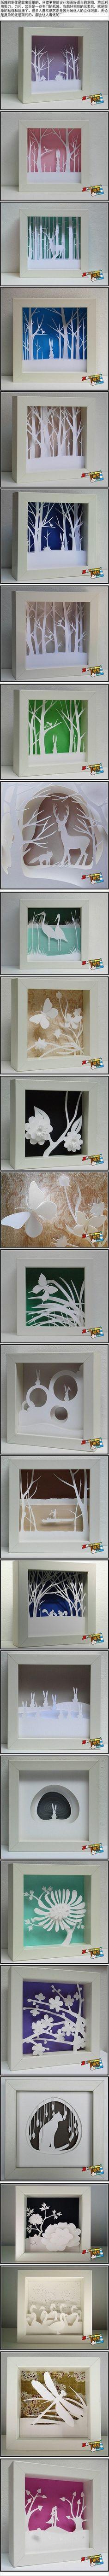 纸雕的制作...来自_星_欣_心_的图片分享-堆糖